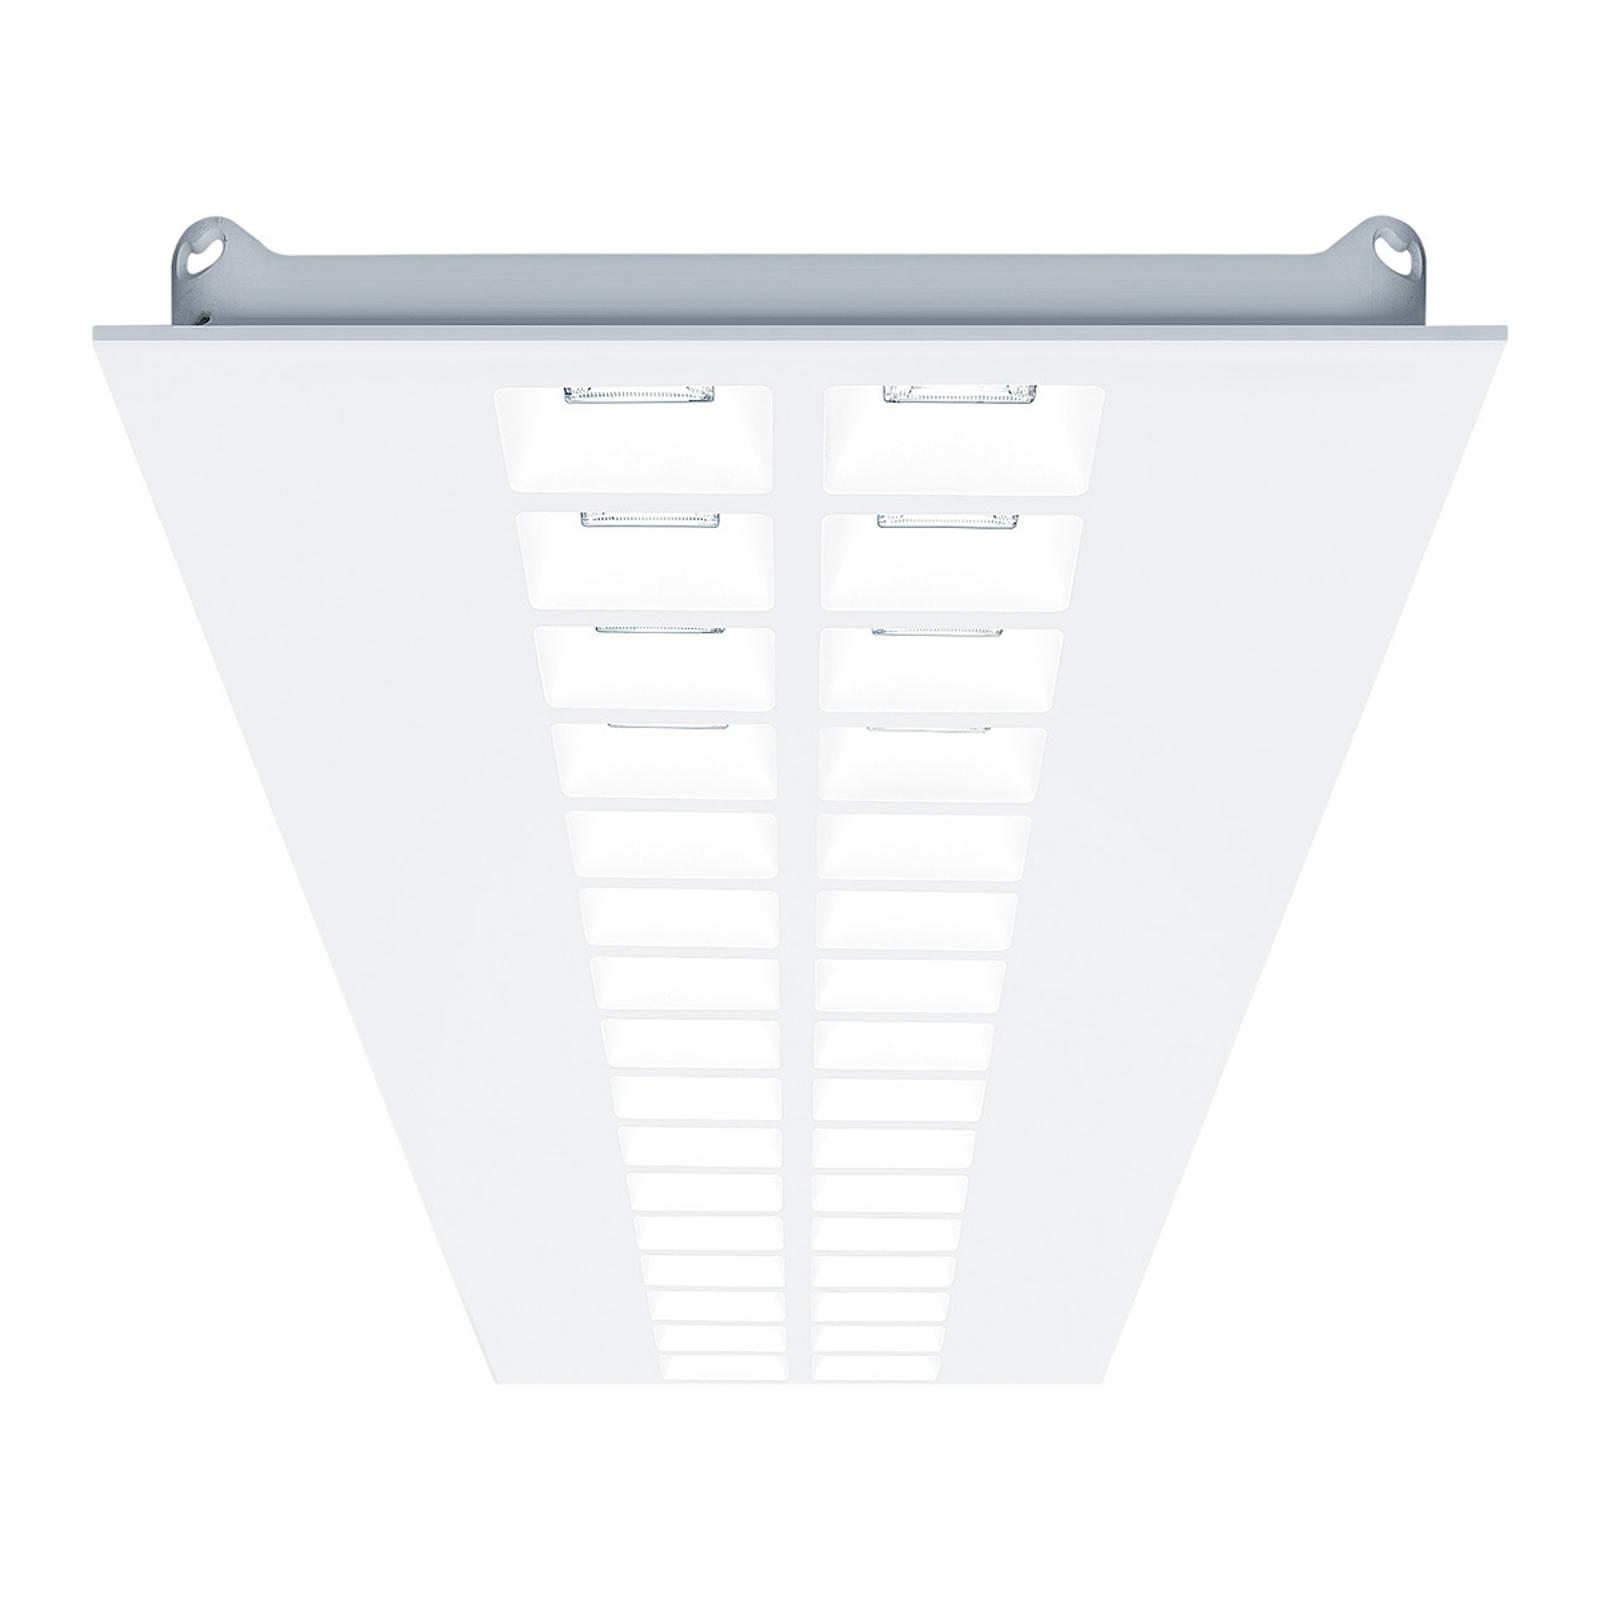 Zumtobel Mirel evolution Einbaulampe Einlage 4000K